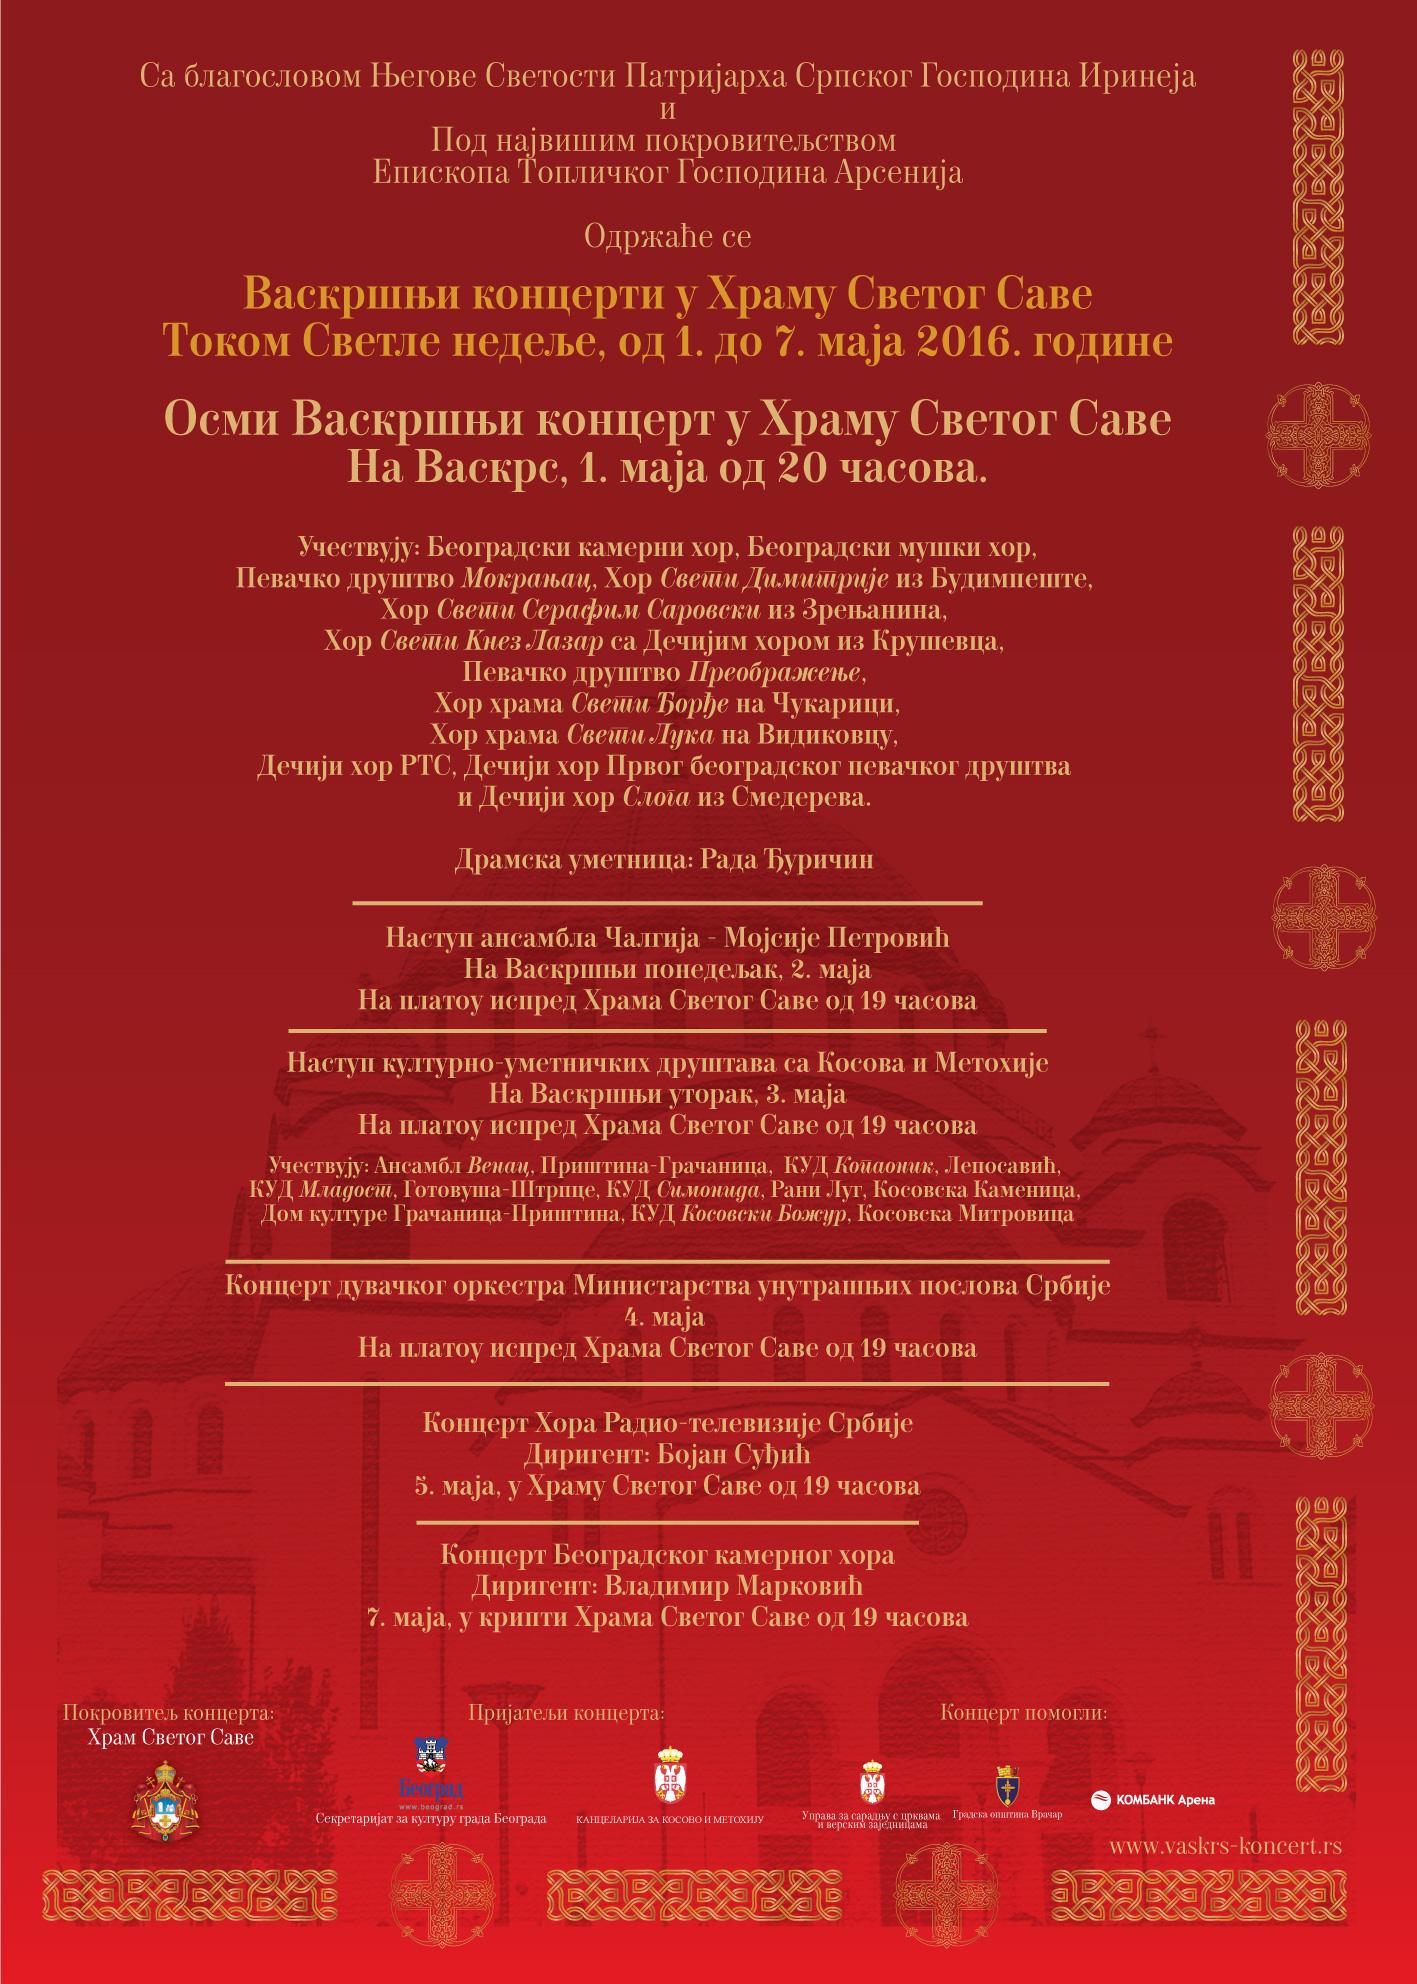 Најава: Васкршњи концерти у Храму Светог Саве